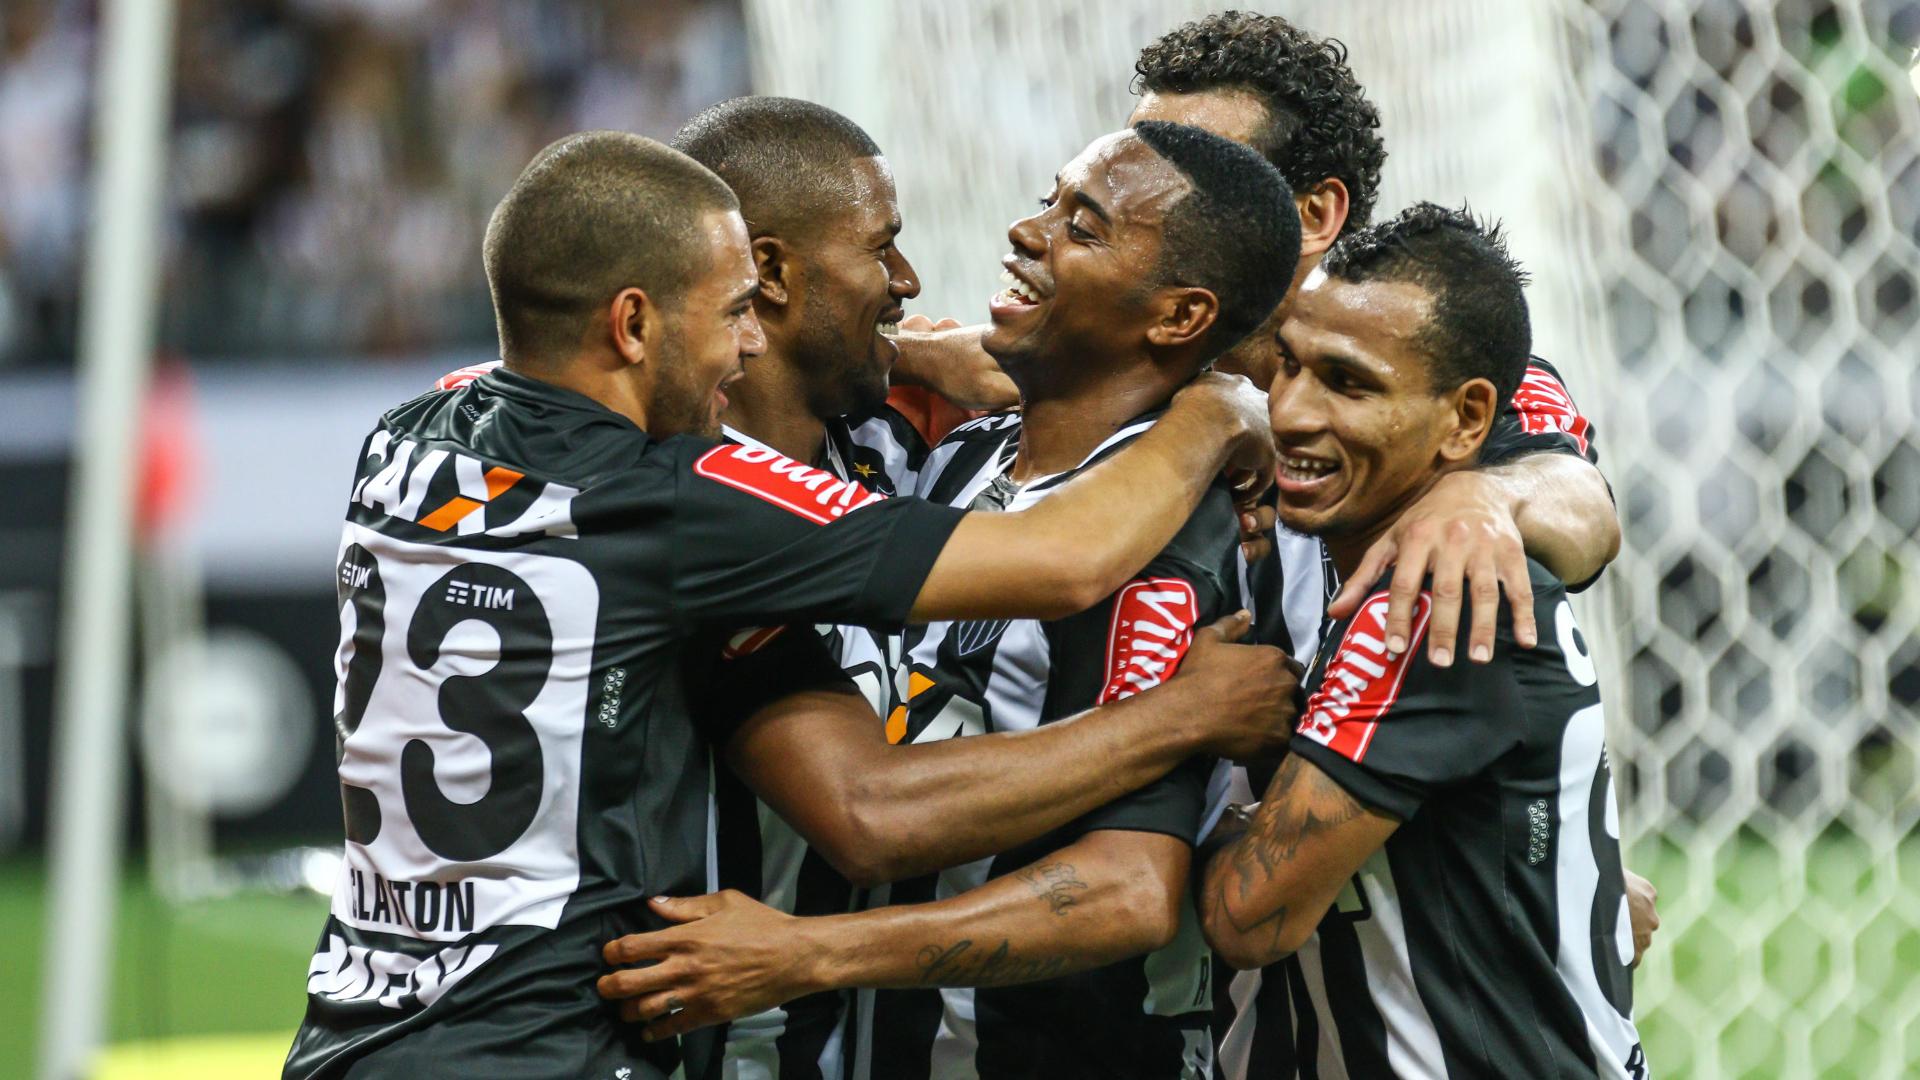 Começa a disputa Cruzeiro e Grêmio pelas semifinais da Copa do Brasil